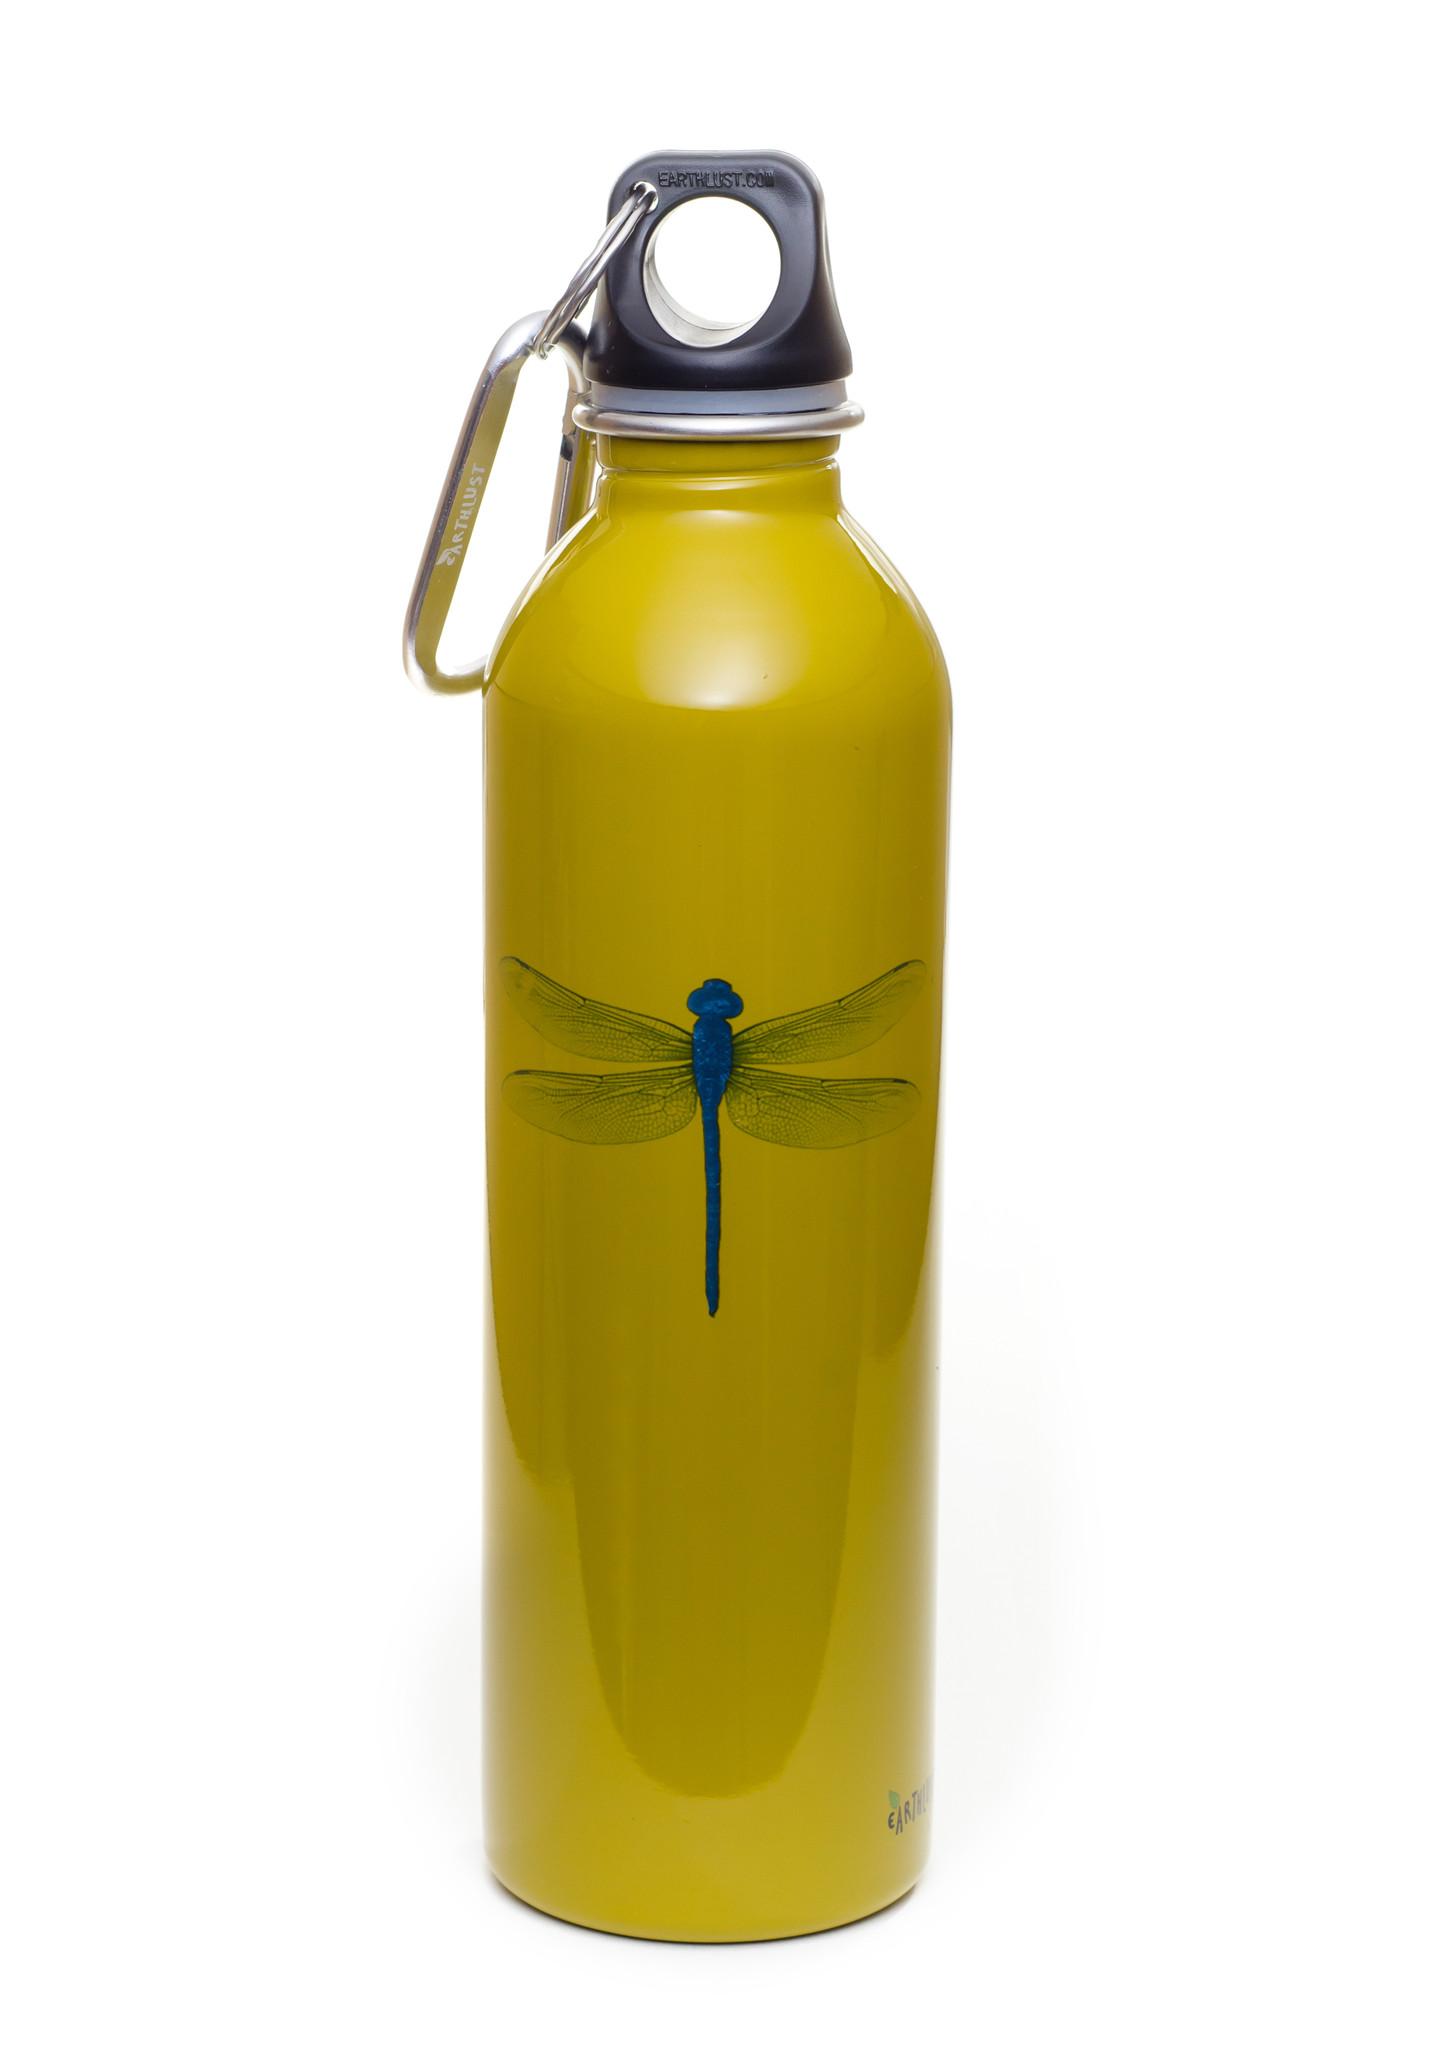 Dragonfly design, 20 oz. bottle.